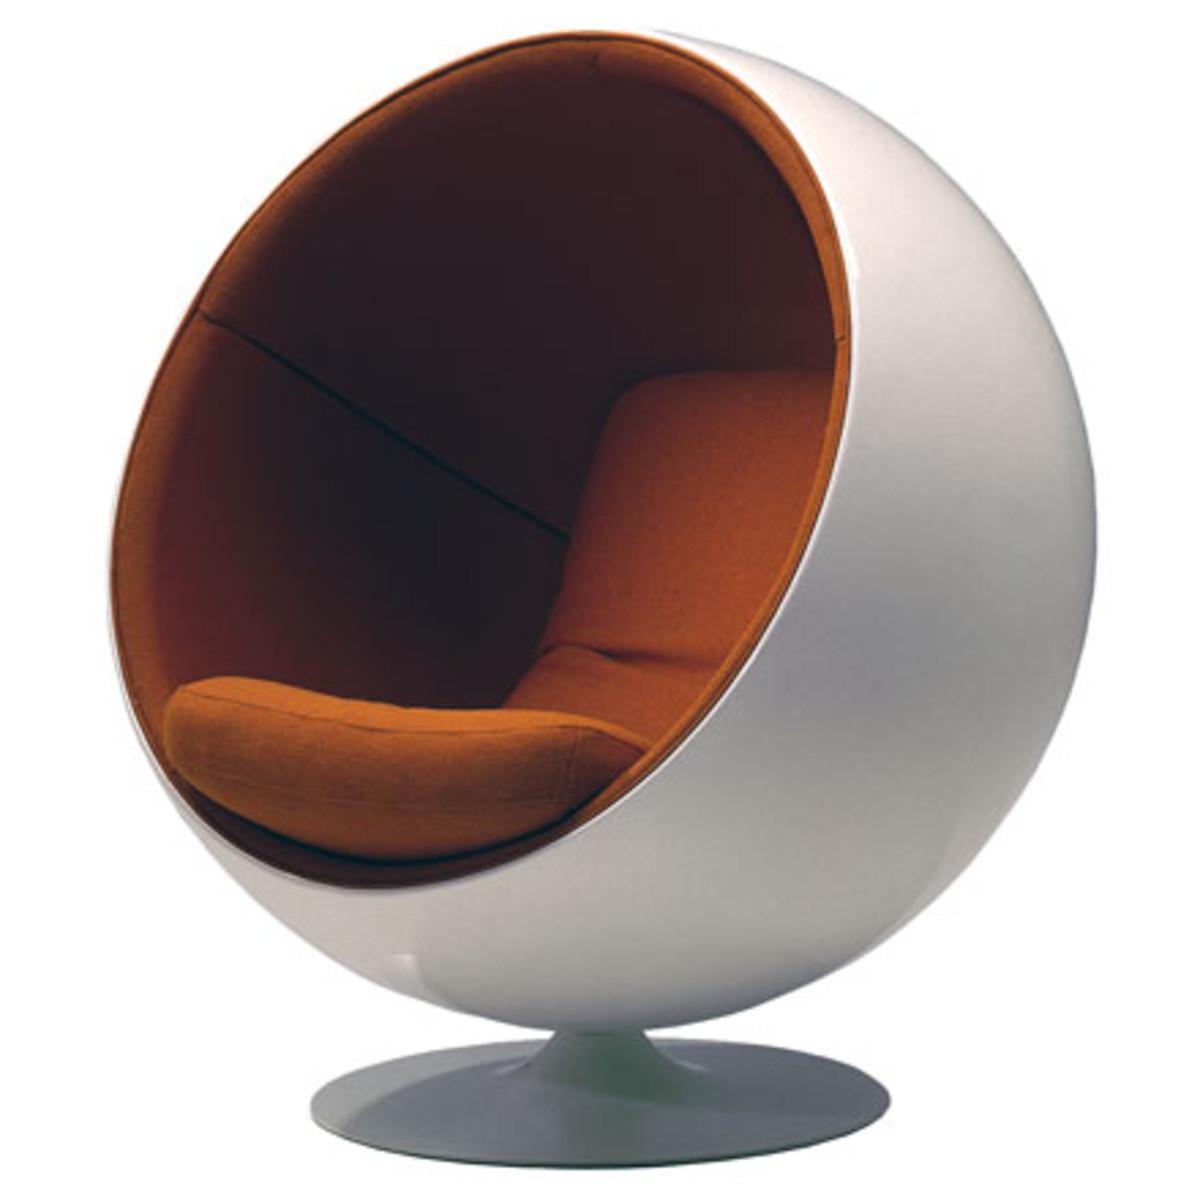 ball chairs nova wheelchair la sedia esempi di sedie da collezione